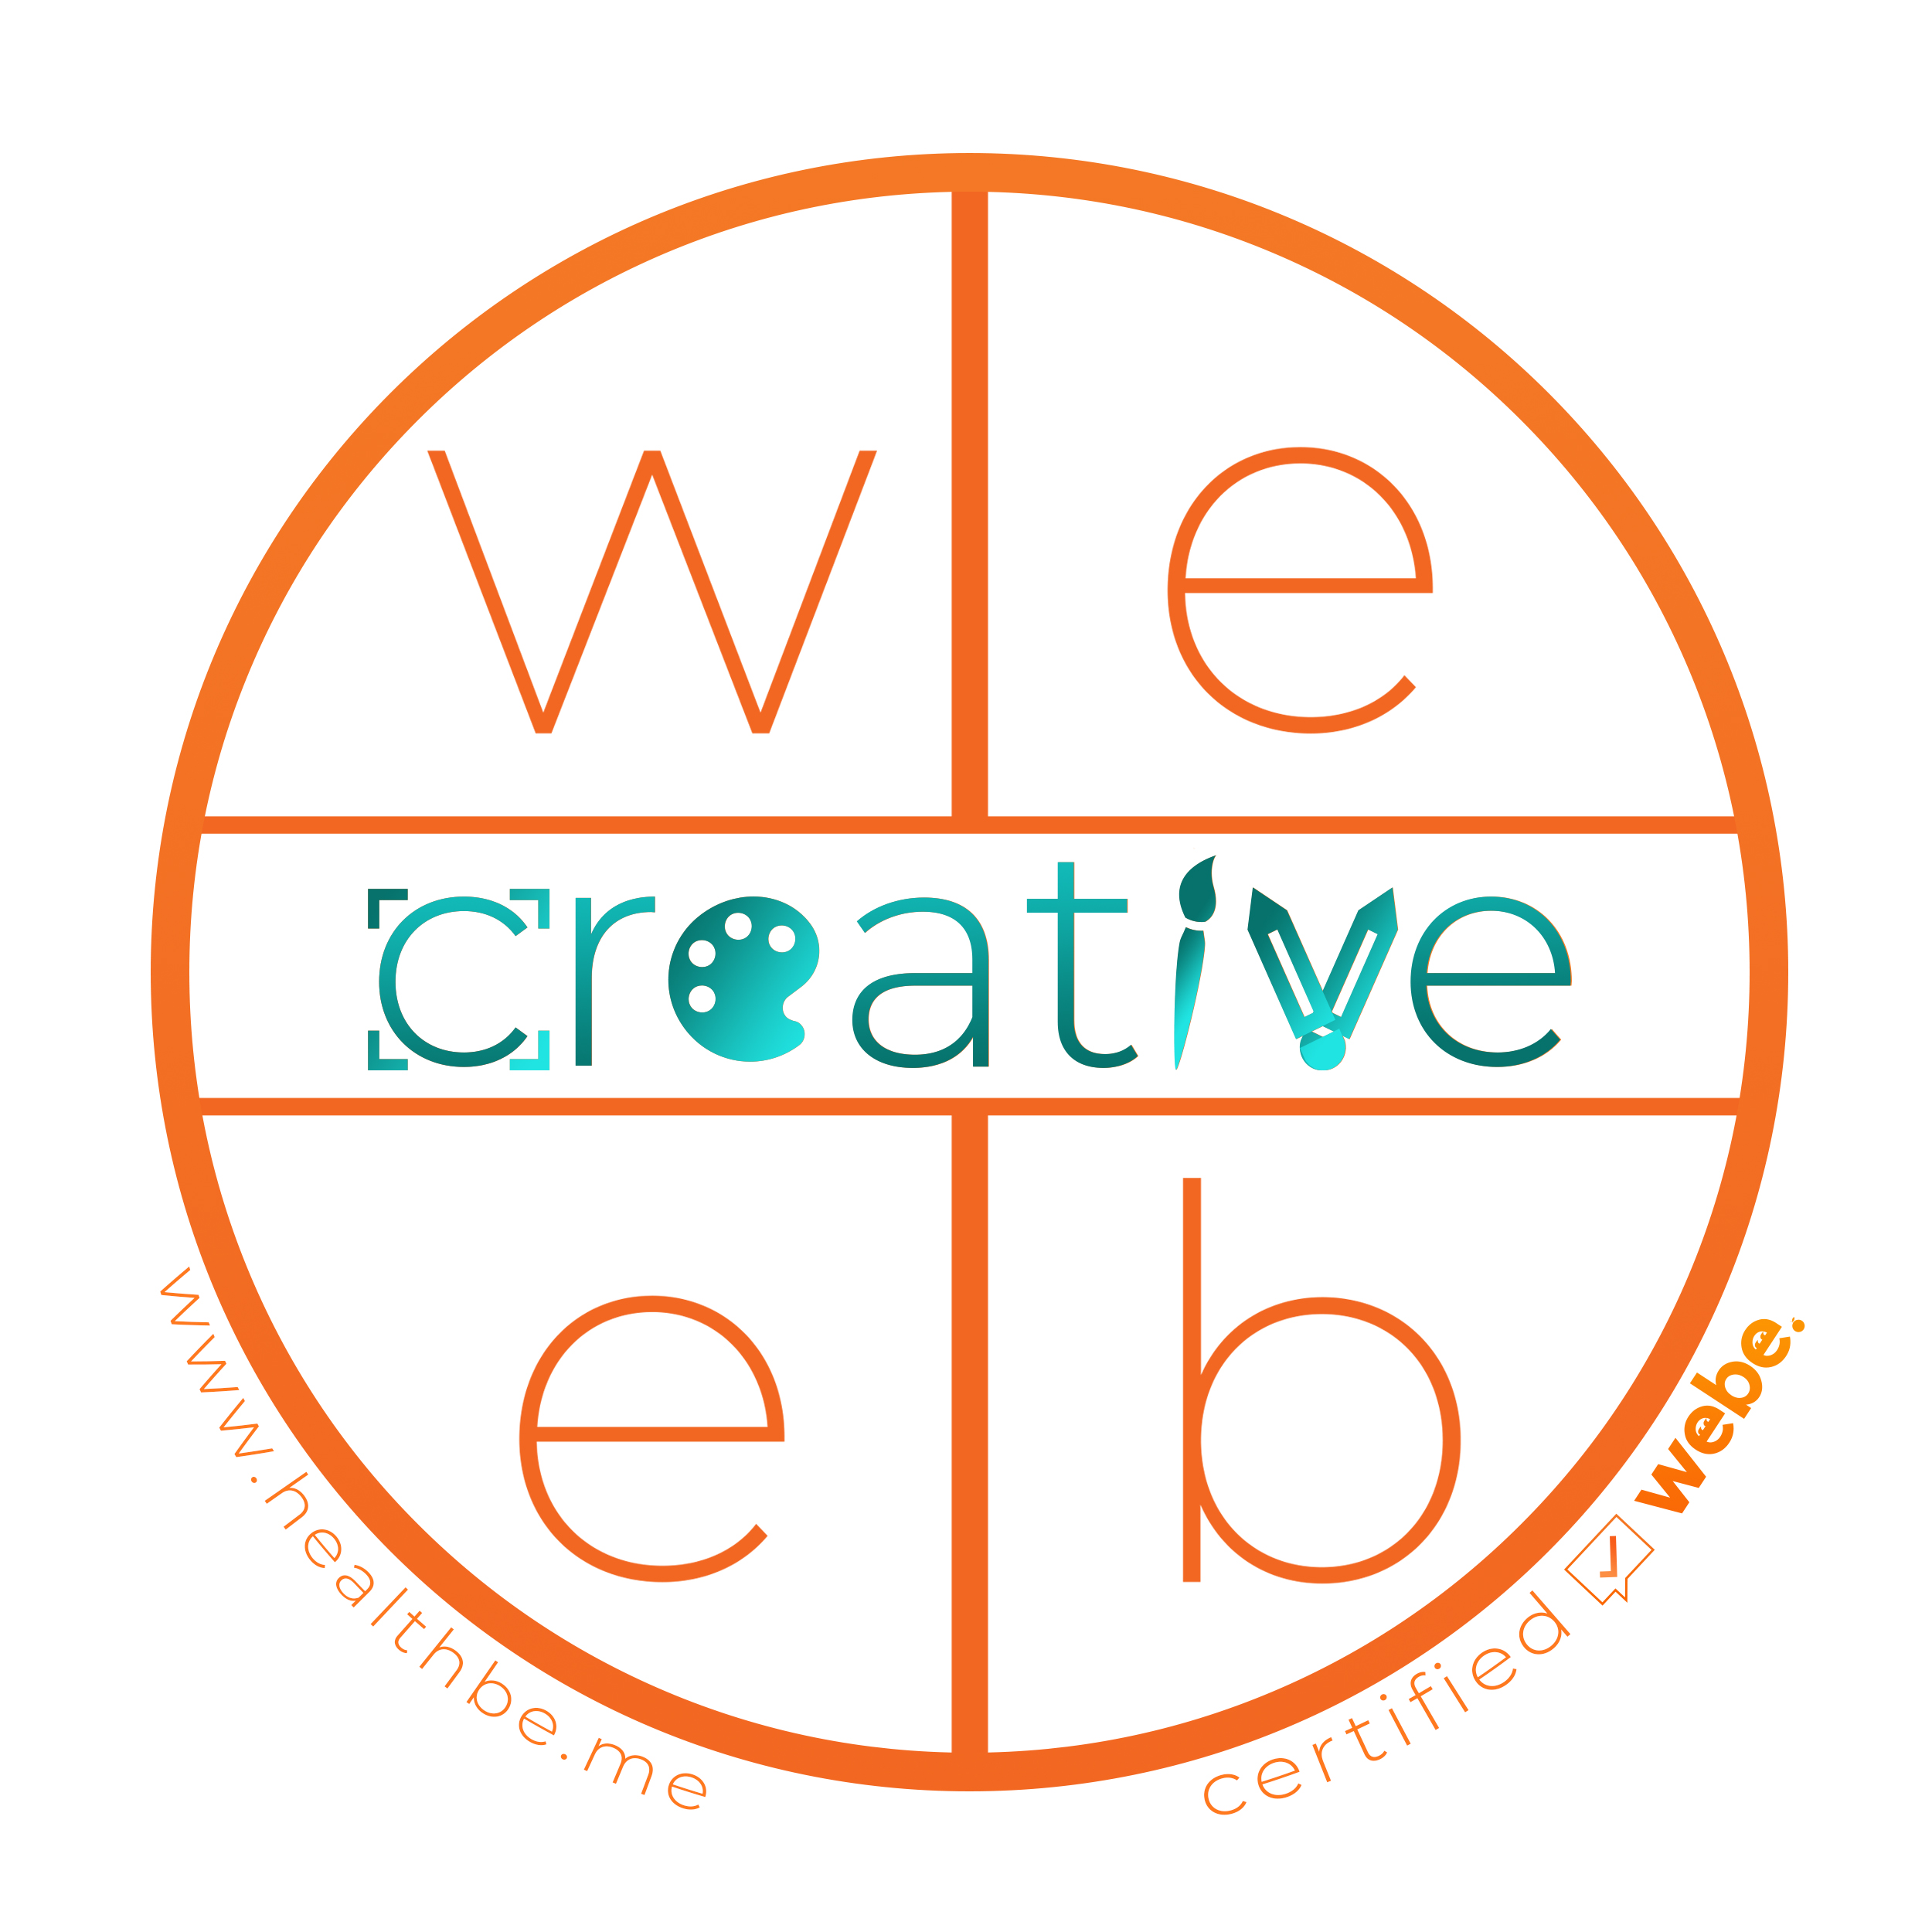 webe_creative_stamp_sticker2.jpg